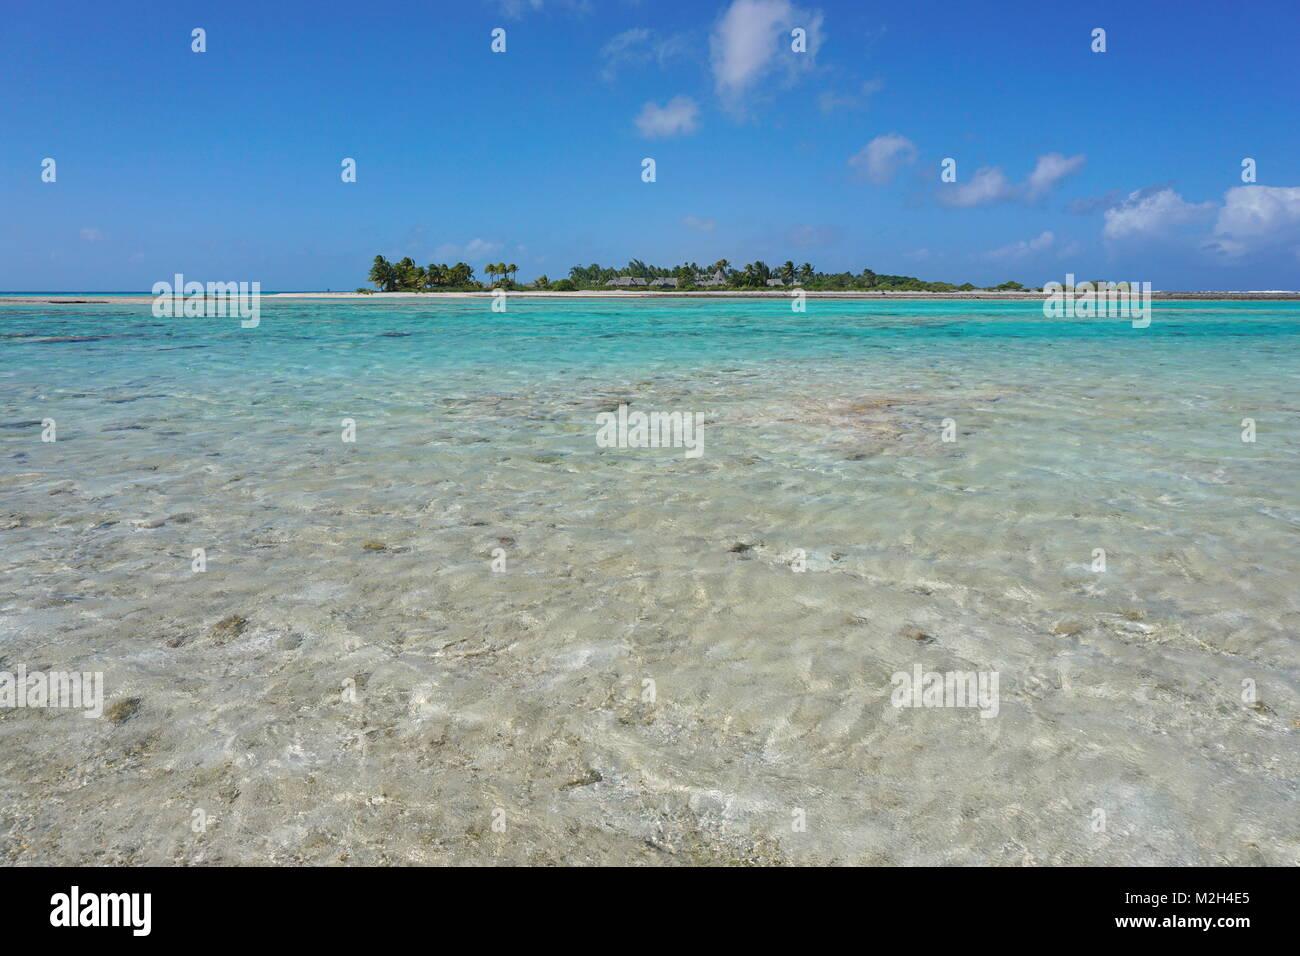 Acqua poco profonda di una laguna e di un'isola tropicale in background, Tikehau Atoll, Tuamotus, Polinesia francese, Foto Stock